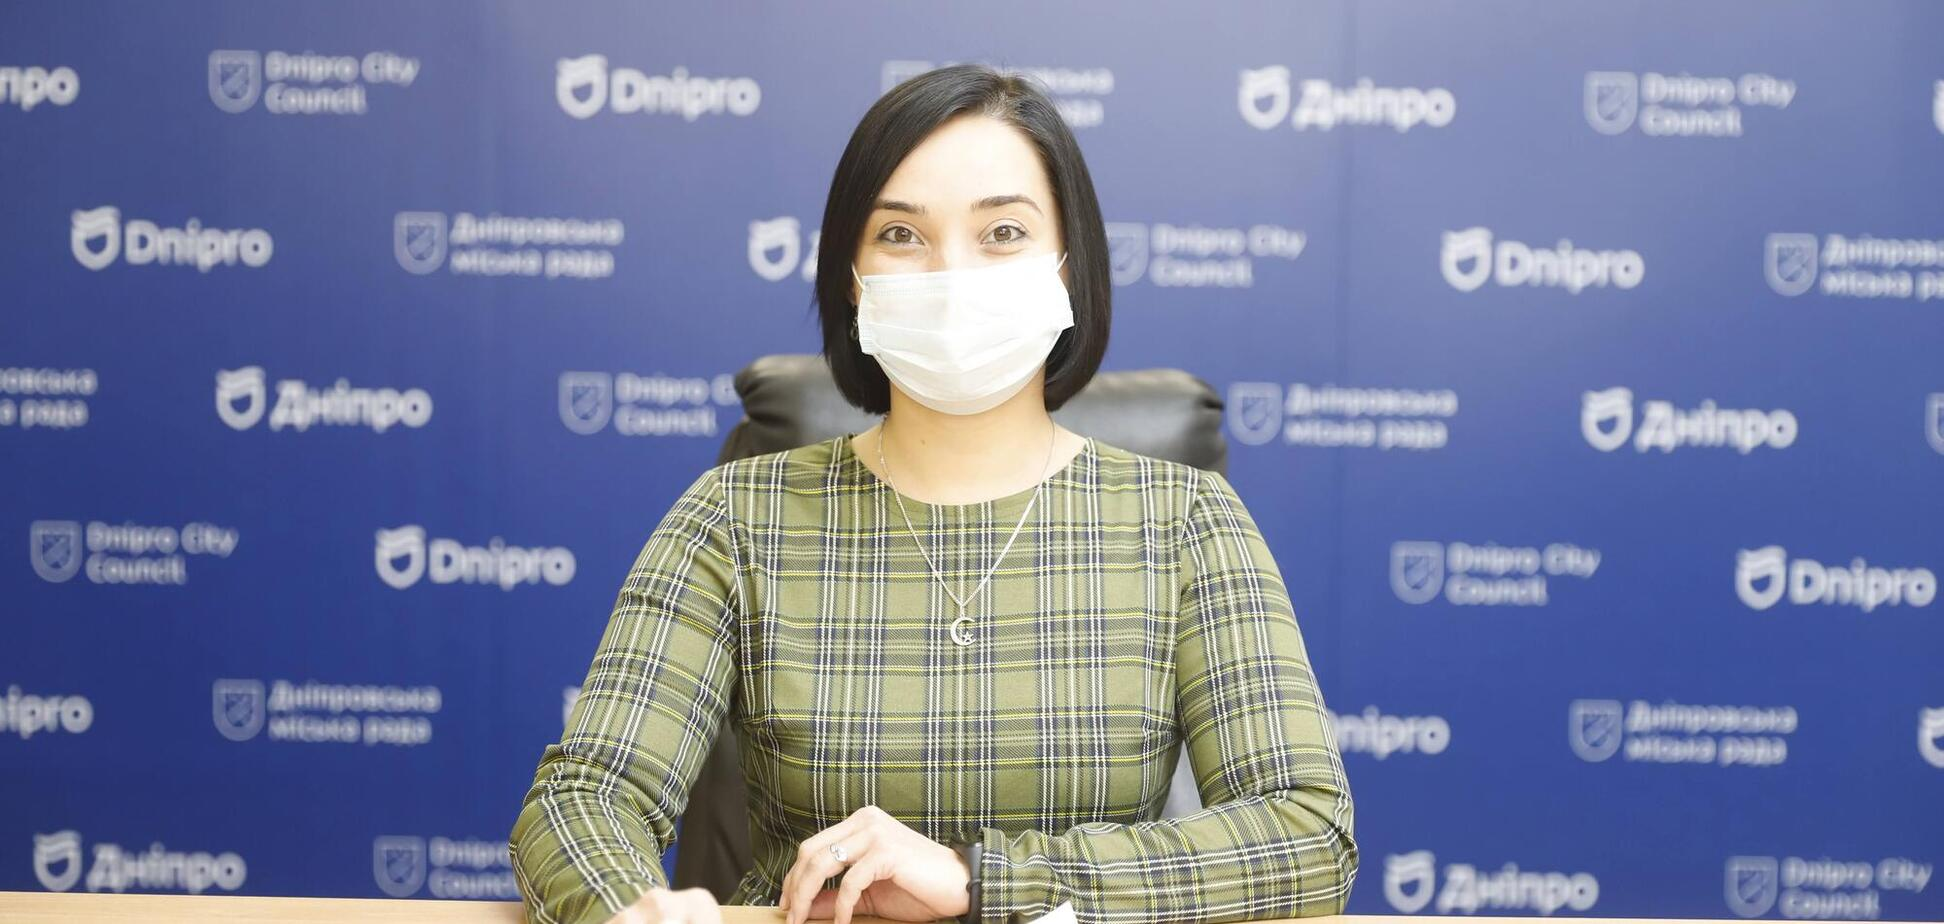 Жанна Нефедова сообщила недельные данные по ситуации с коронавирусом в Днепре